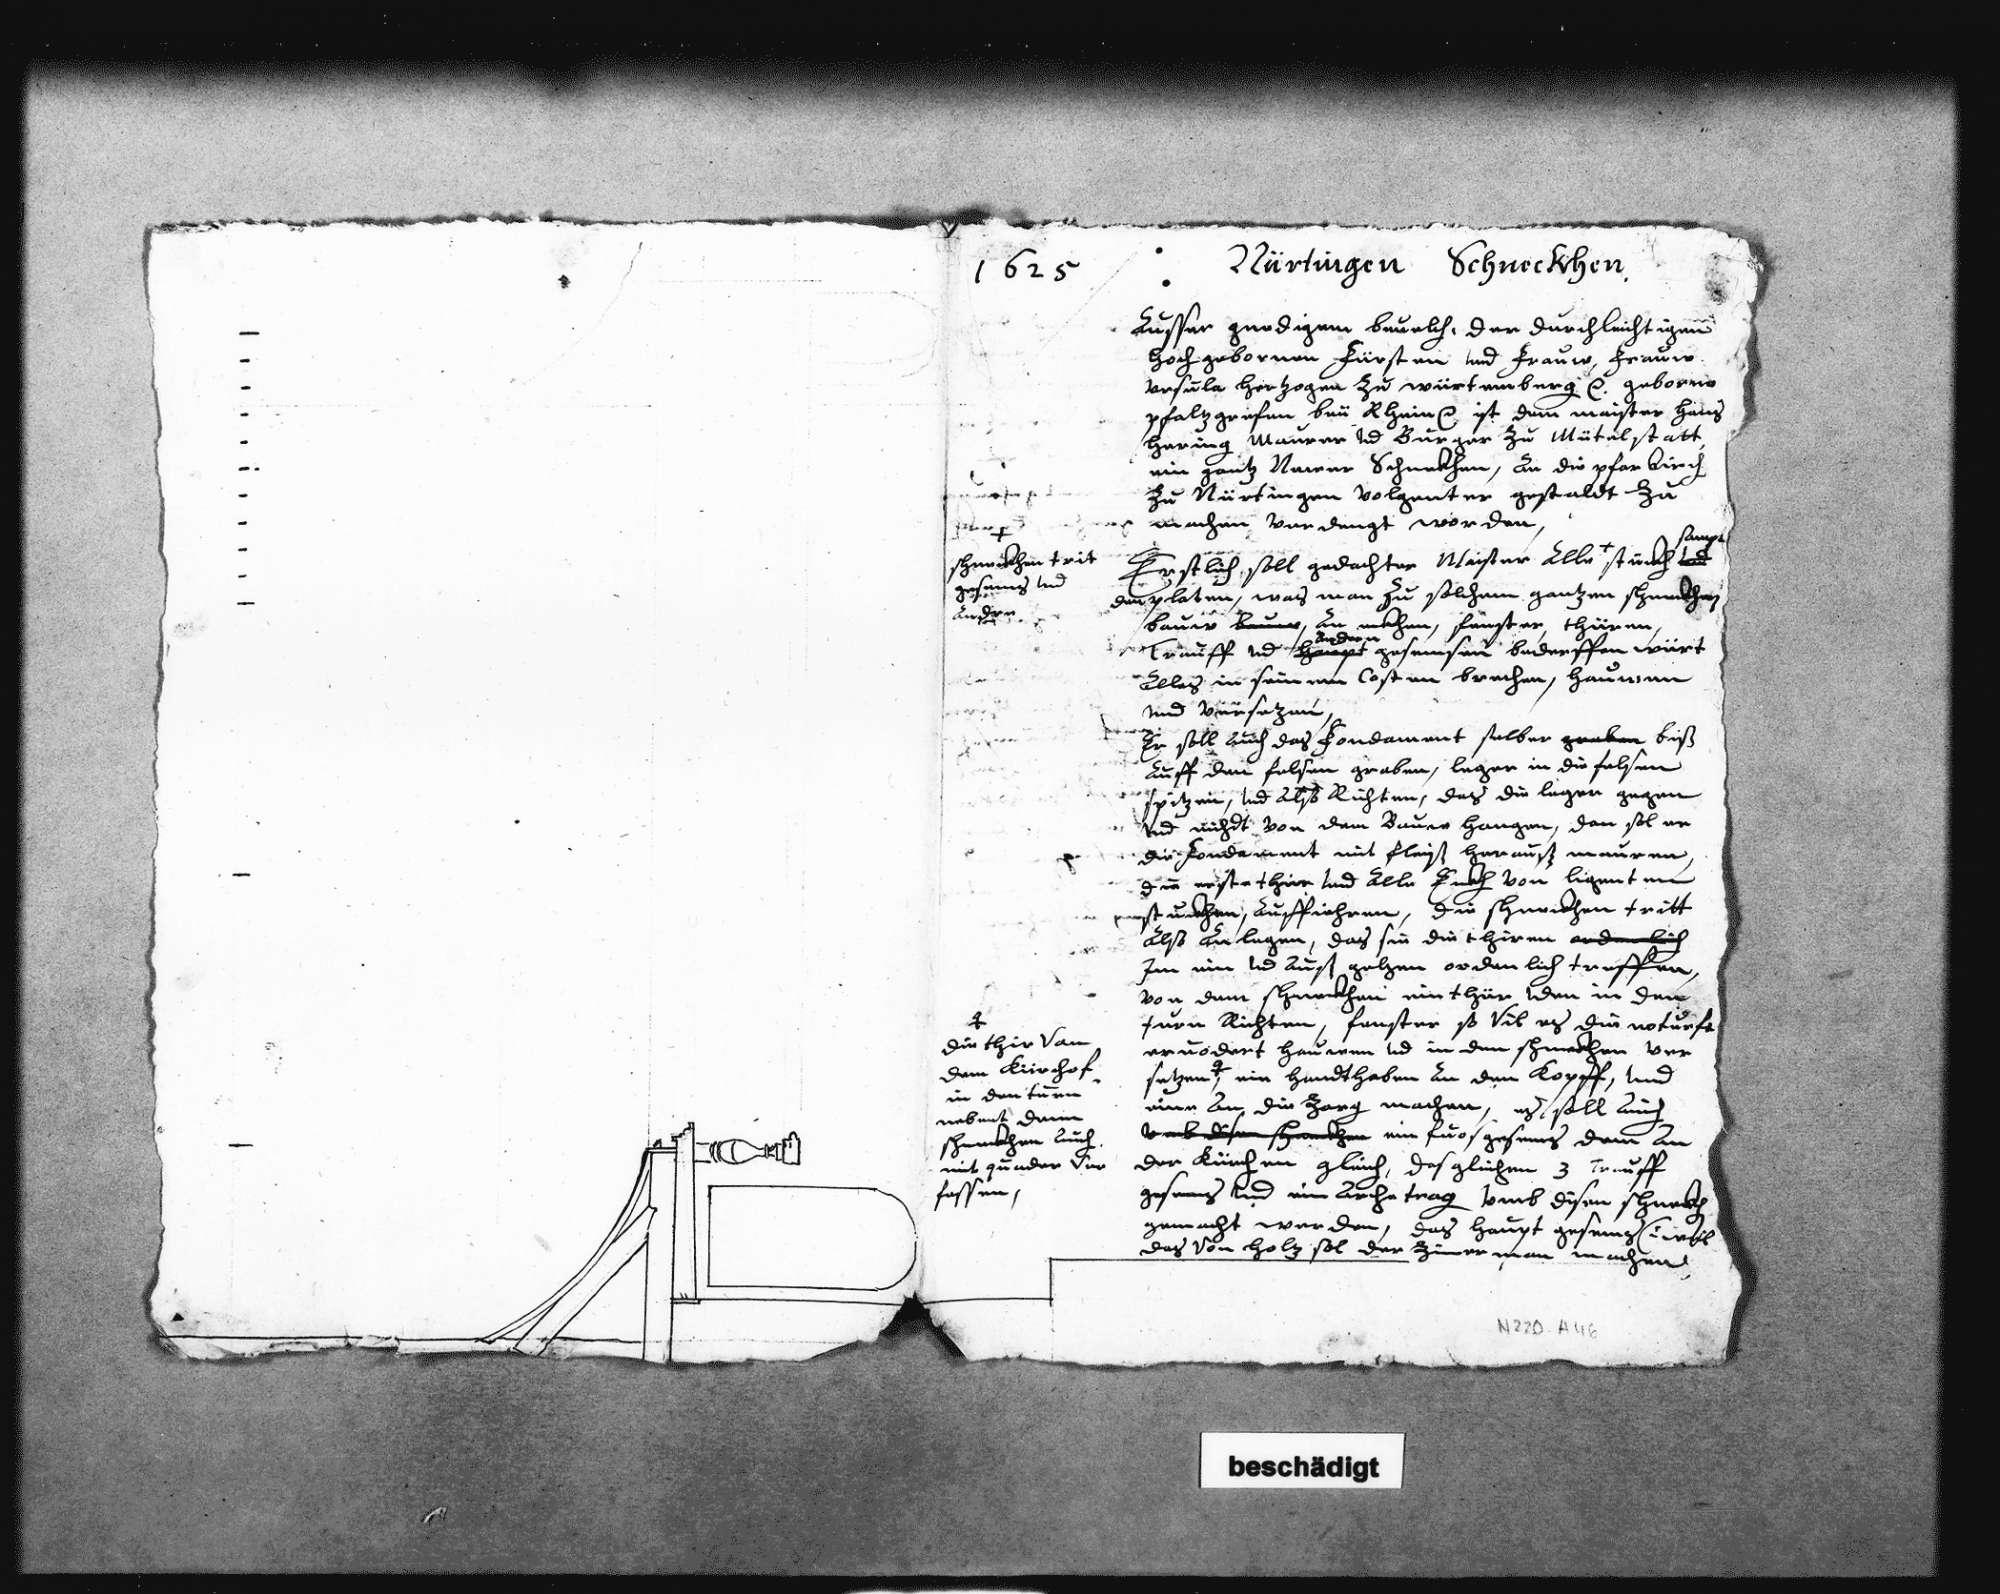 Schreiben Schickhardts auf Befehl der Herzogin Ursula von Württemberg über die Einstellung des Maurers Hans Hering (Folio Doppelblatt), Bild 1